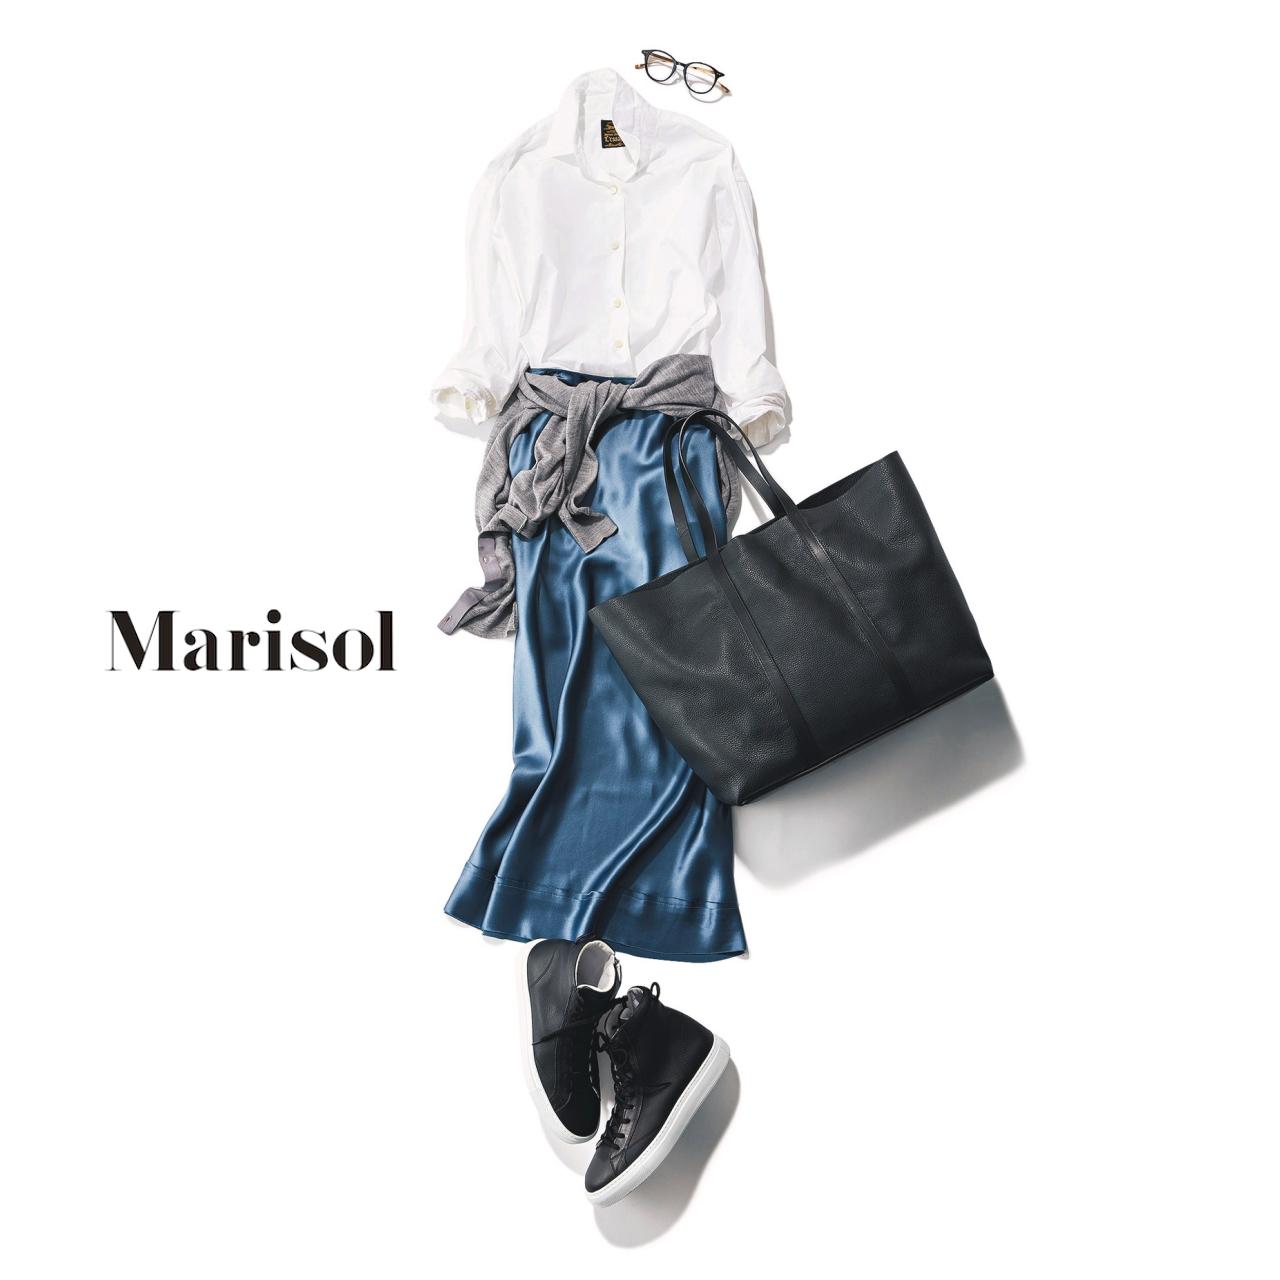 40代ファッション 白シャツ×光沢ブルーマキシスカート×スニーカーコーデ